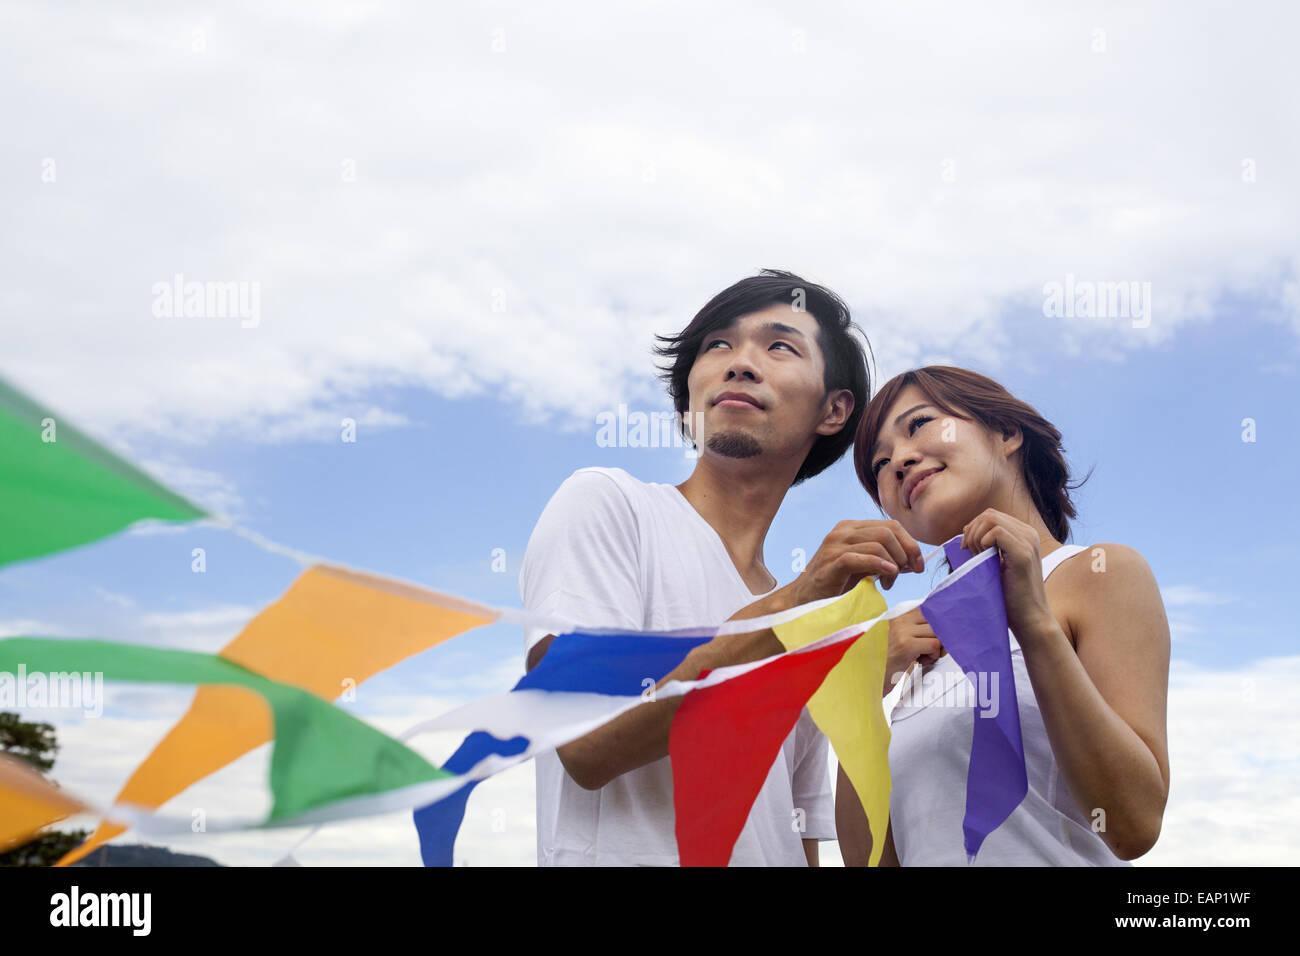 Una pareja, un hombre y una mujer en un parque Kyoto sosteniendo una hilera de coloridas banderas. Imagen De Stock